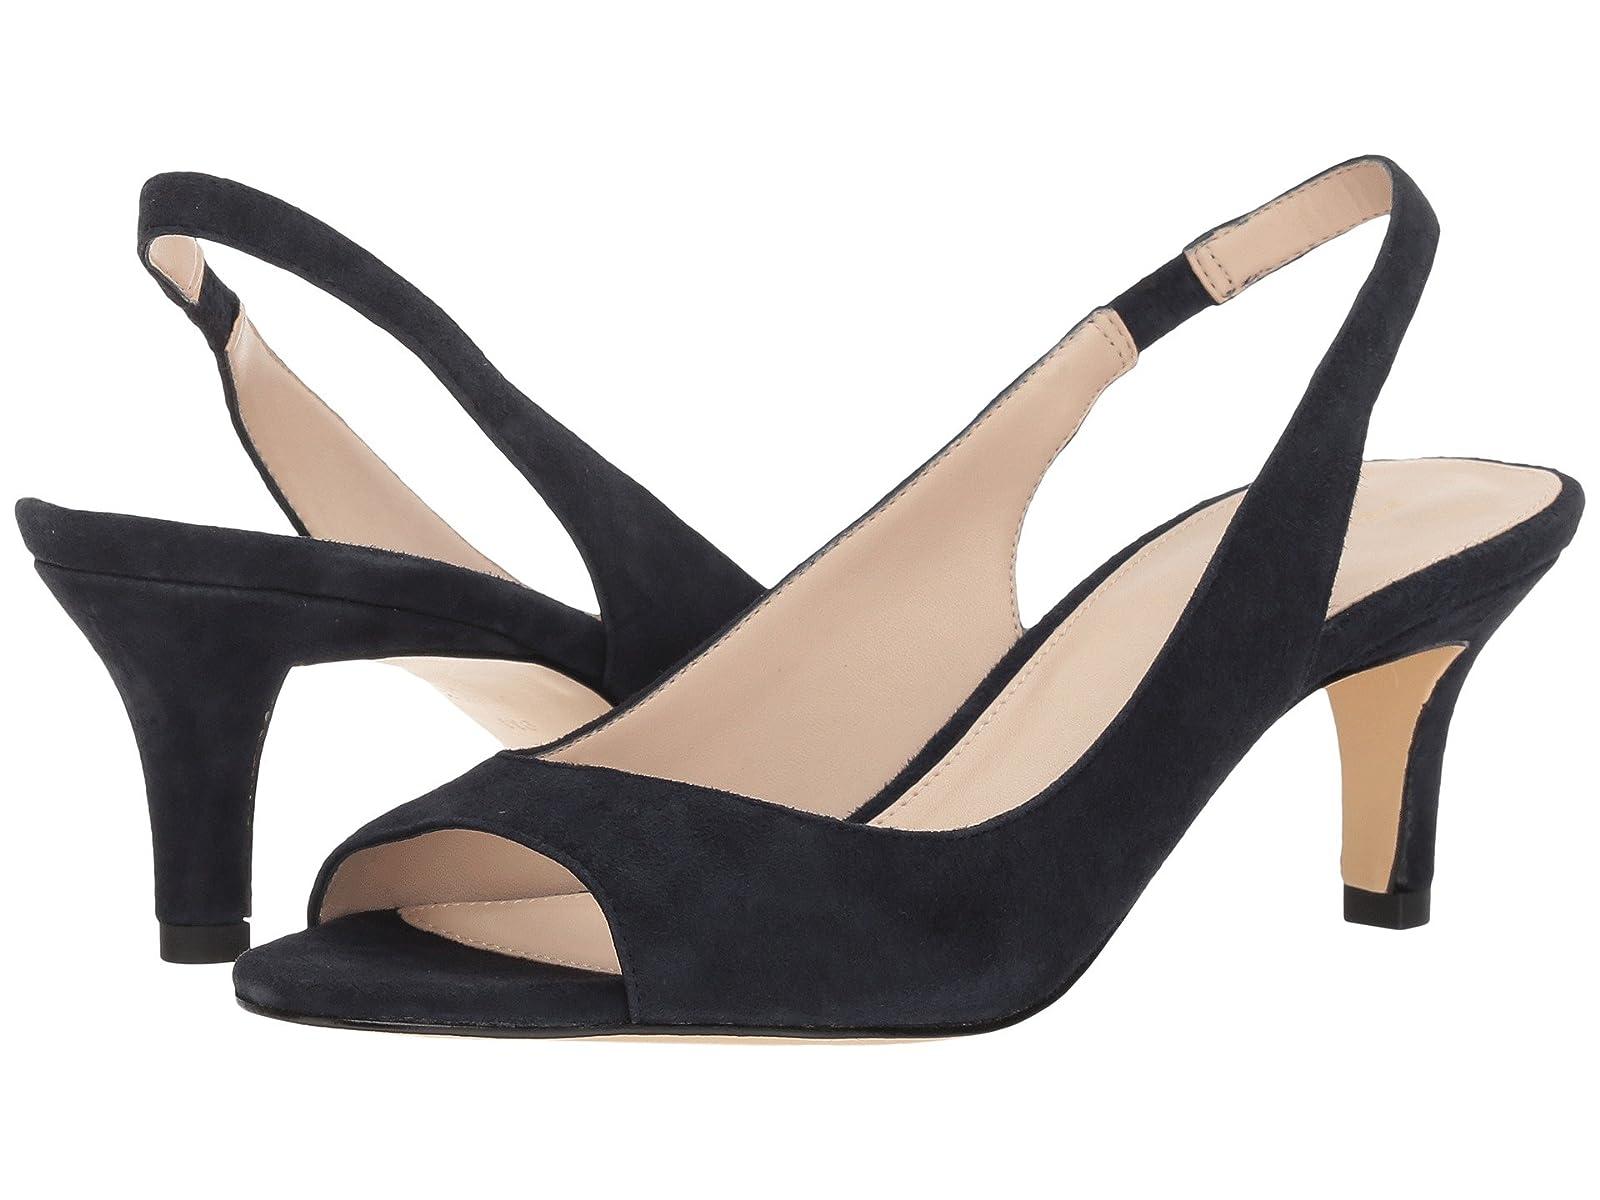 Pelle Moda BeliniAtmospheric grades have affordable shoes